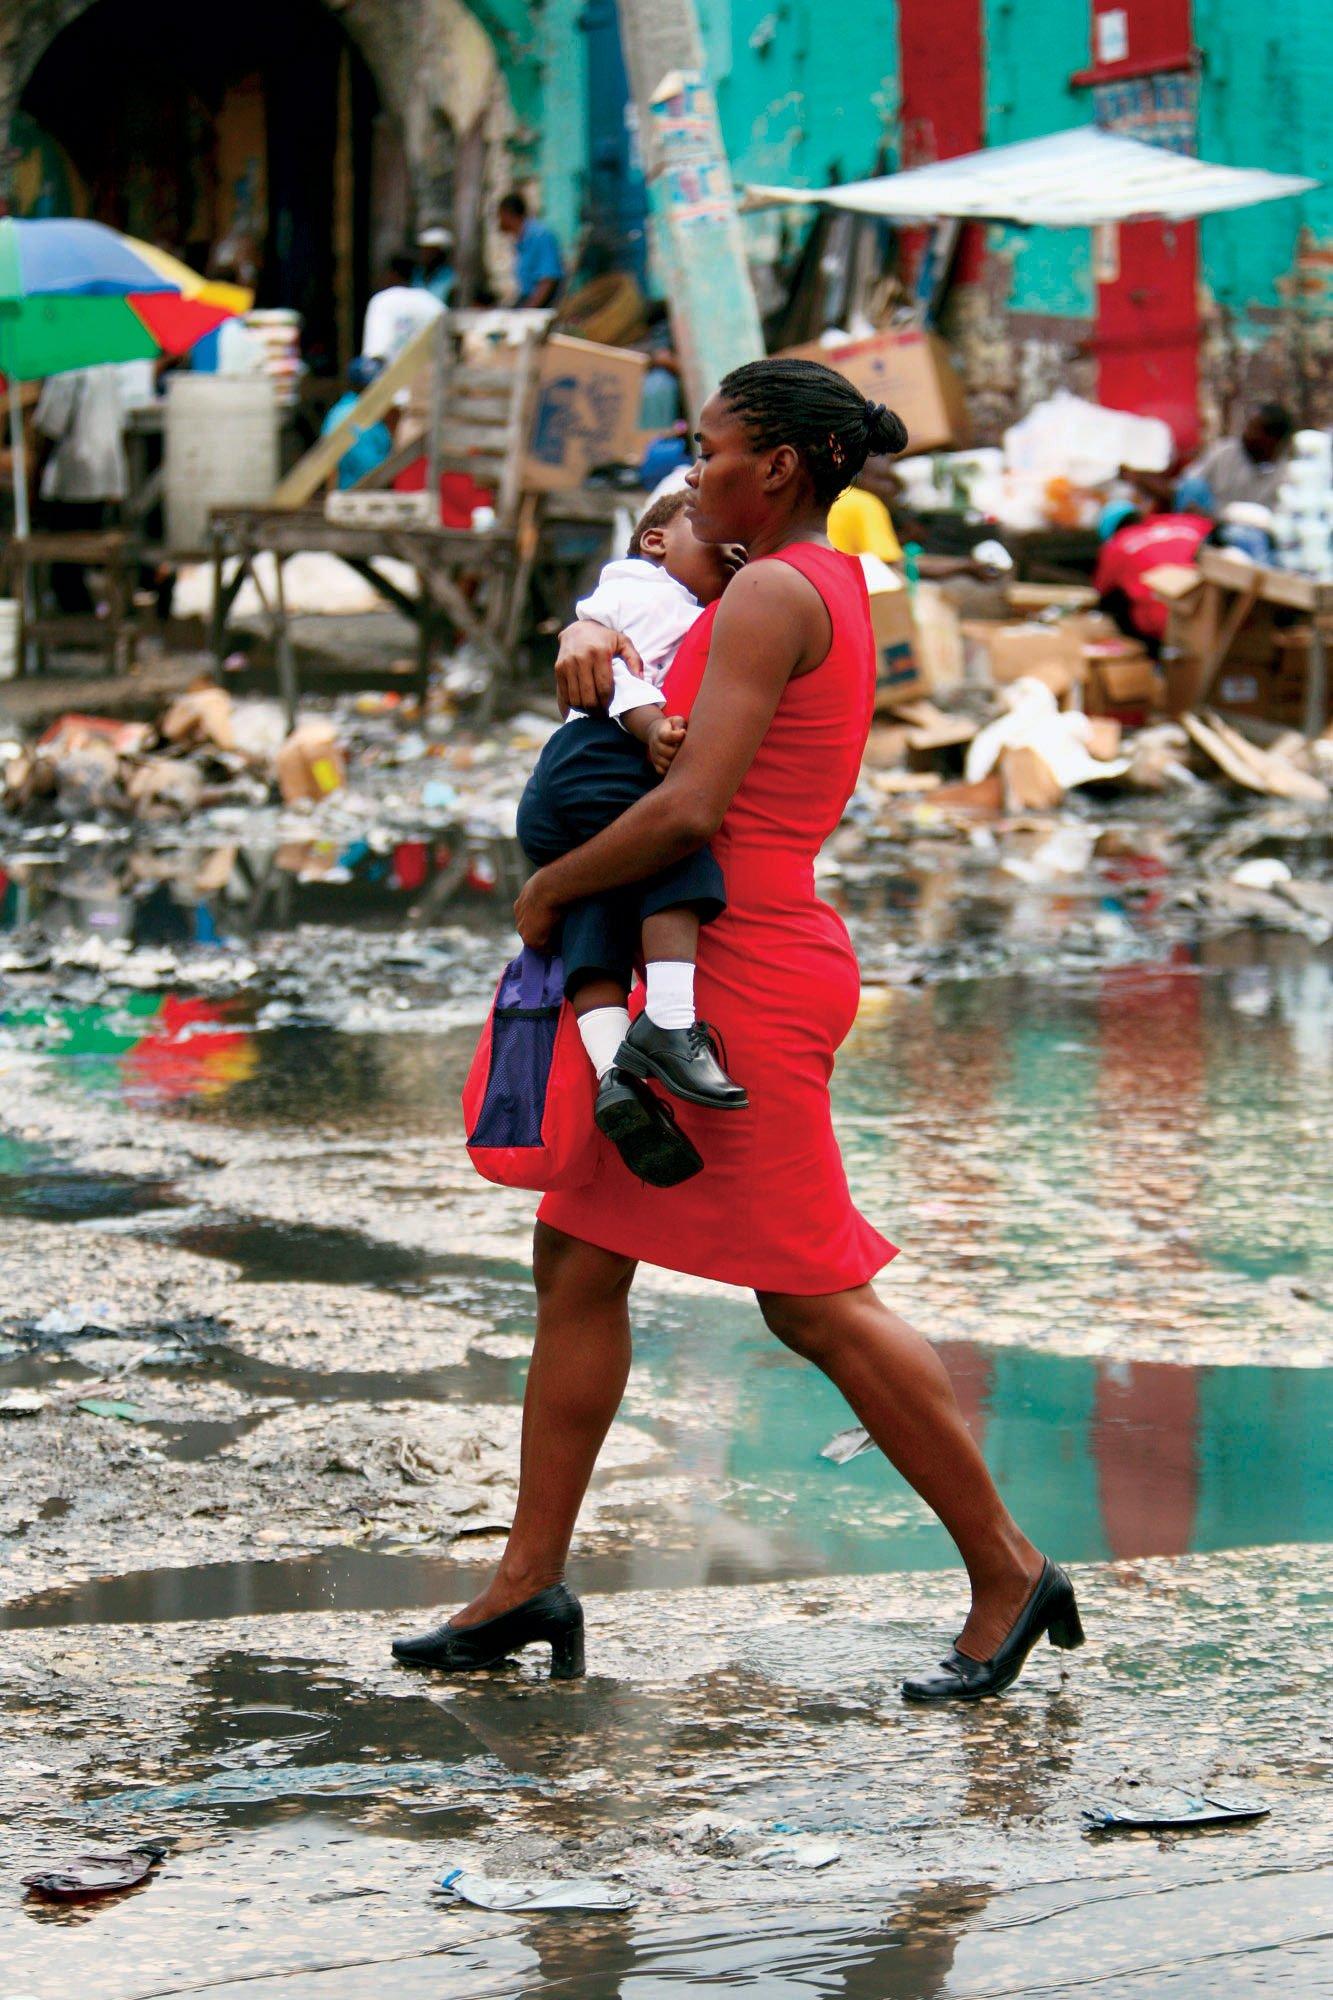 Haiti le miroir de la vie for Le miroir de la vie